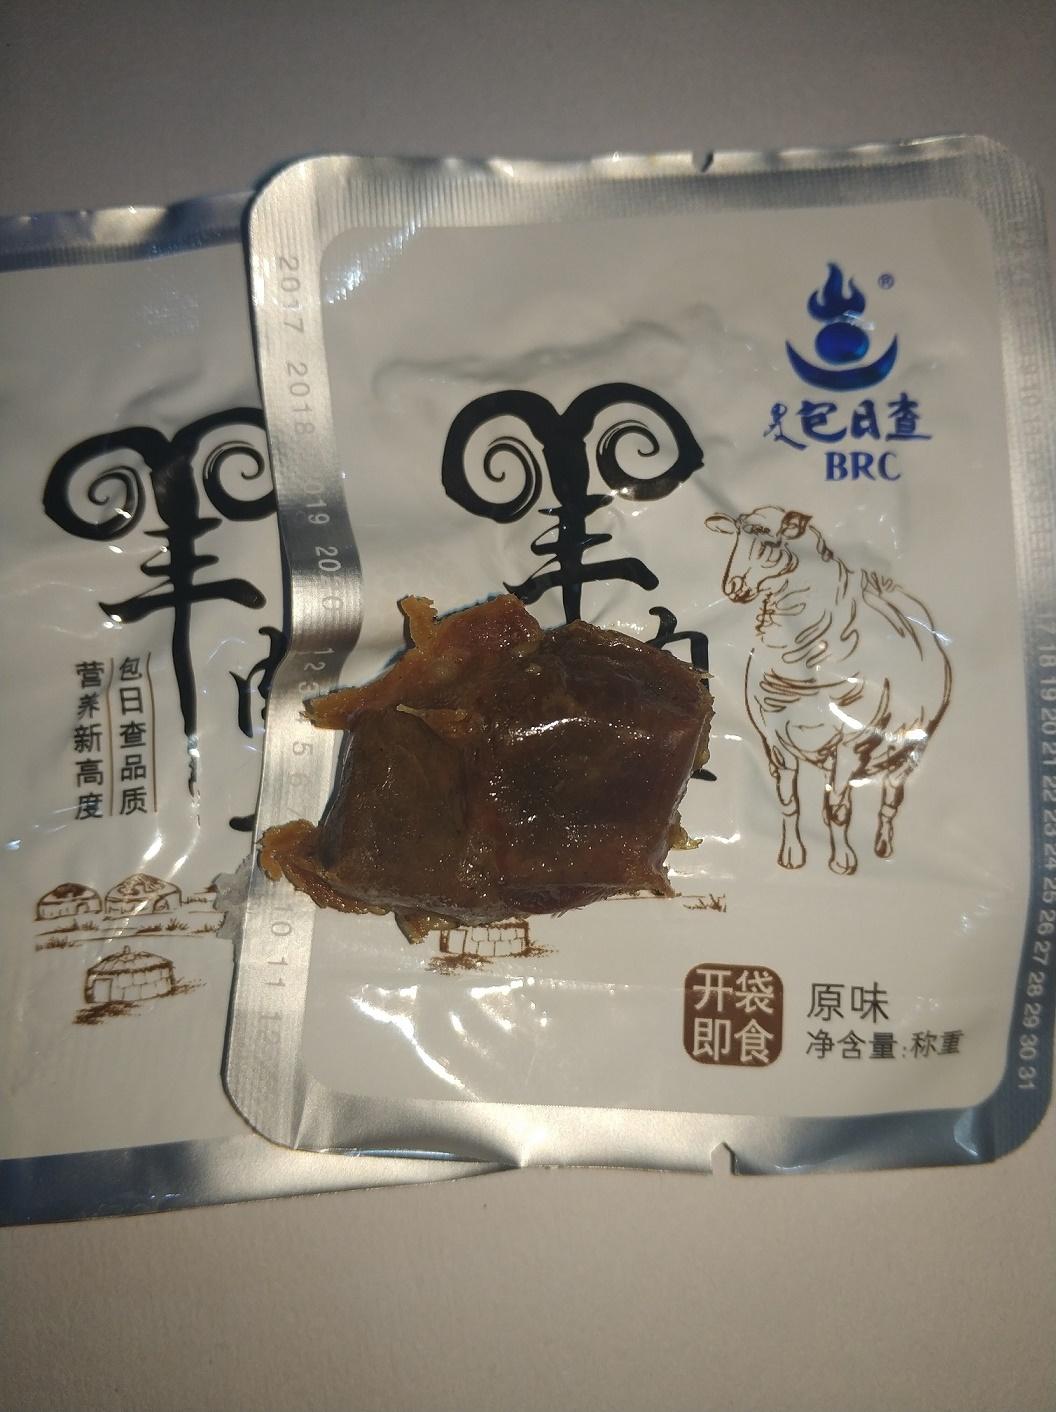 包日查羊肉干内蒙古特产风干羊肉干休闲食品 300克原味